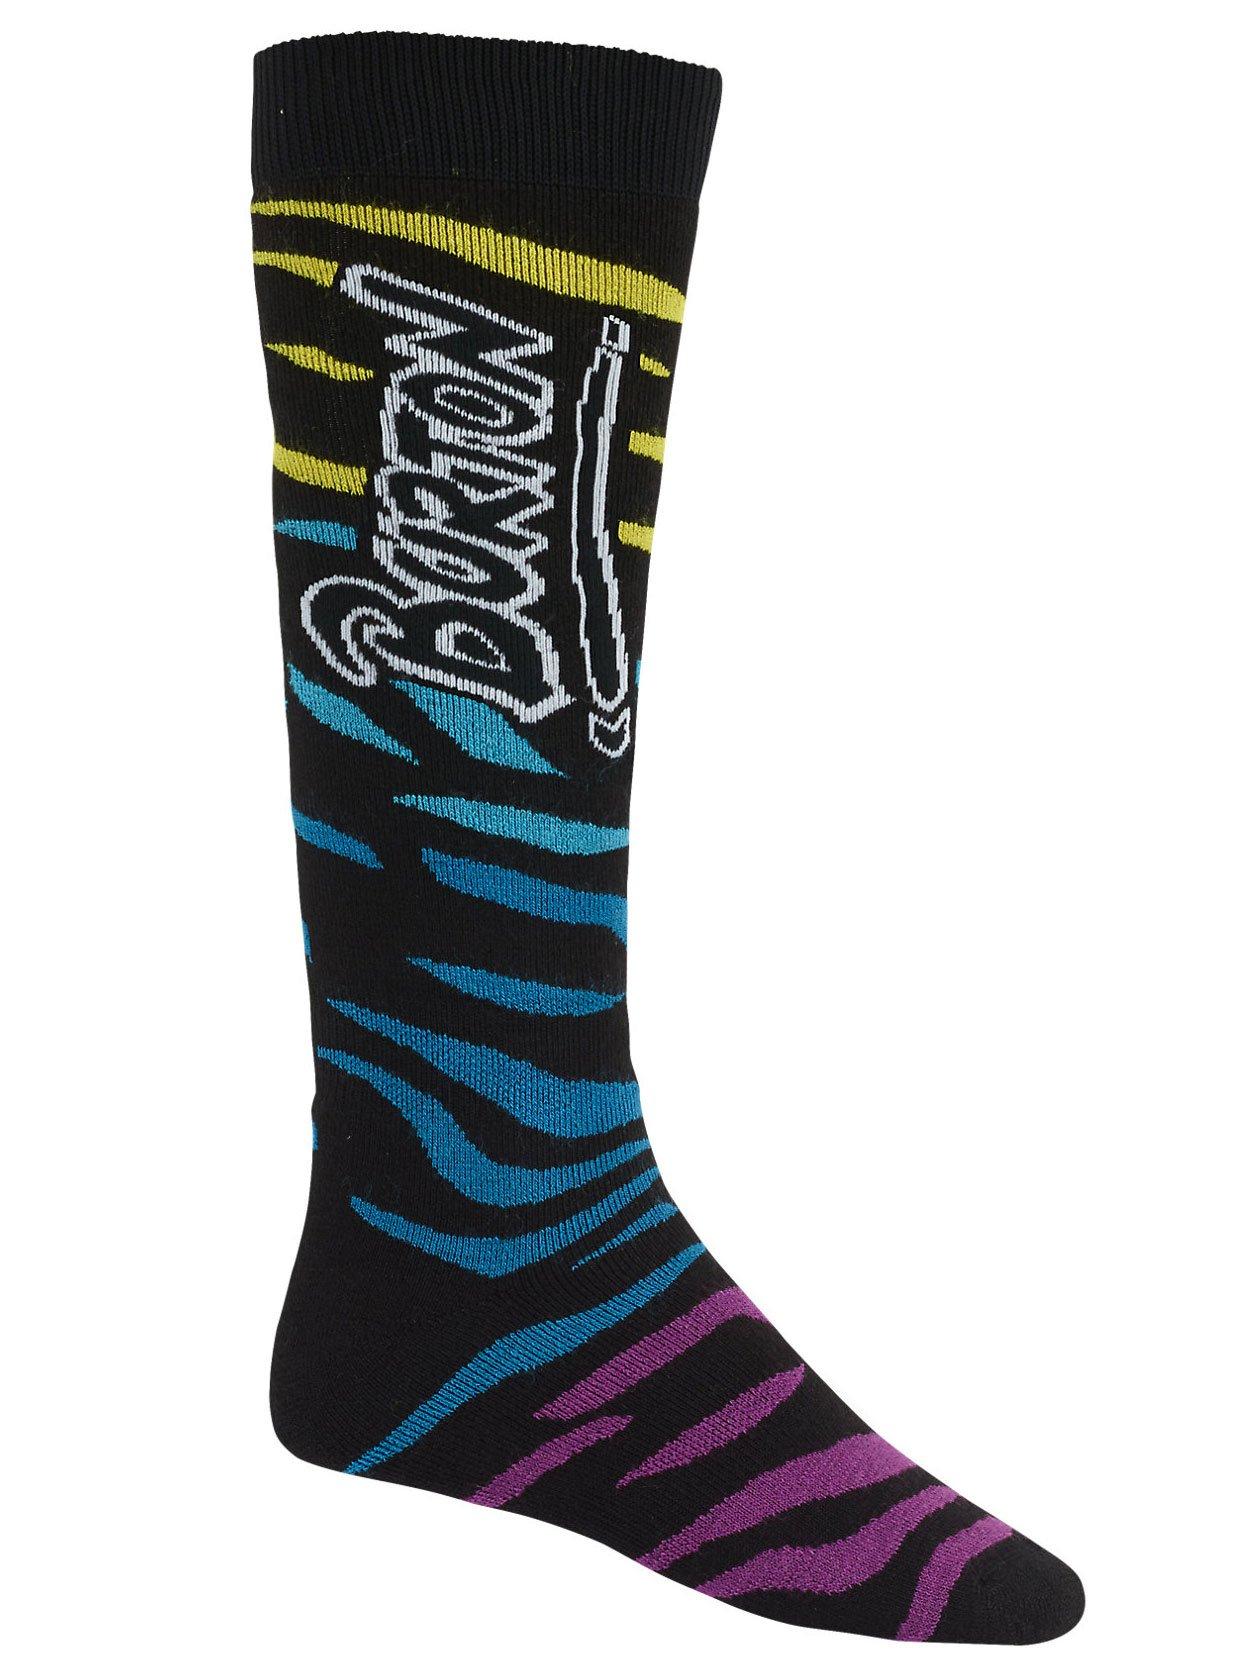 Burton Men's Party Snowboarding Socks, Safari, Medium by Burton